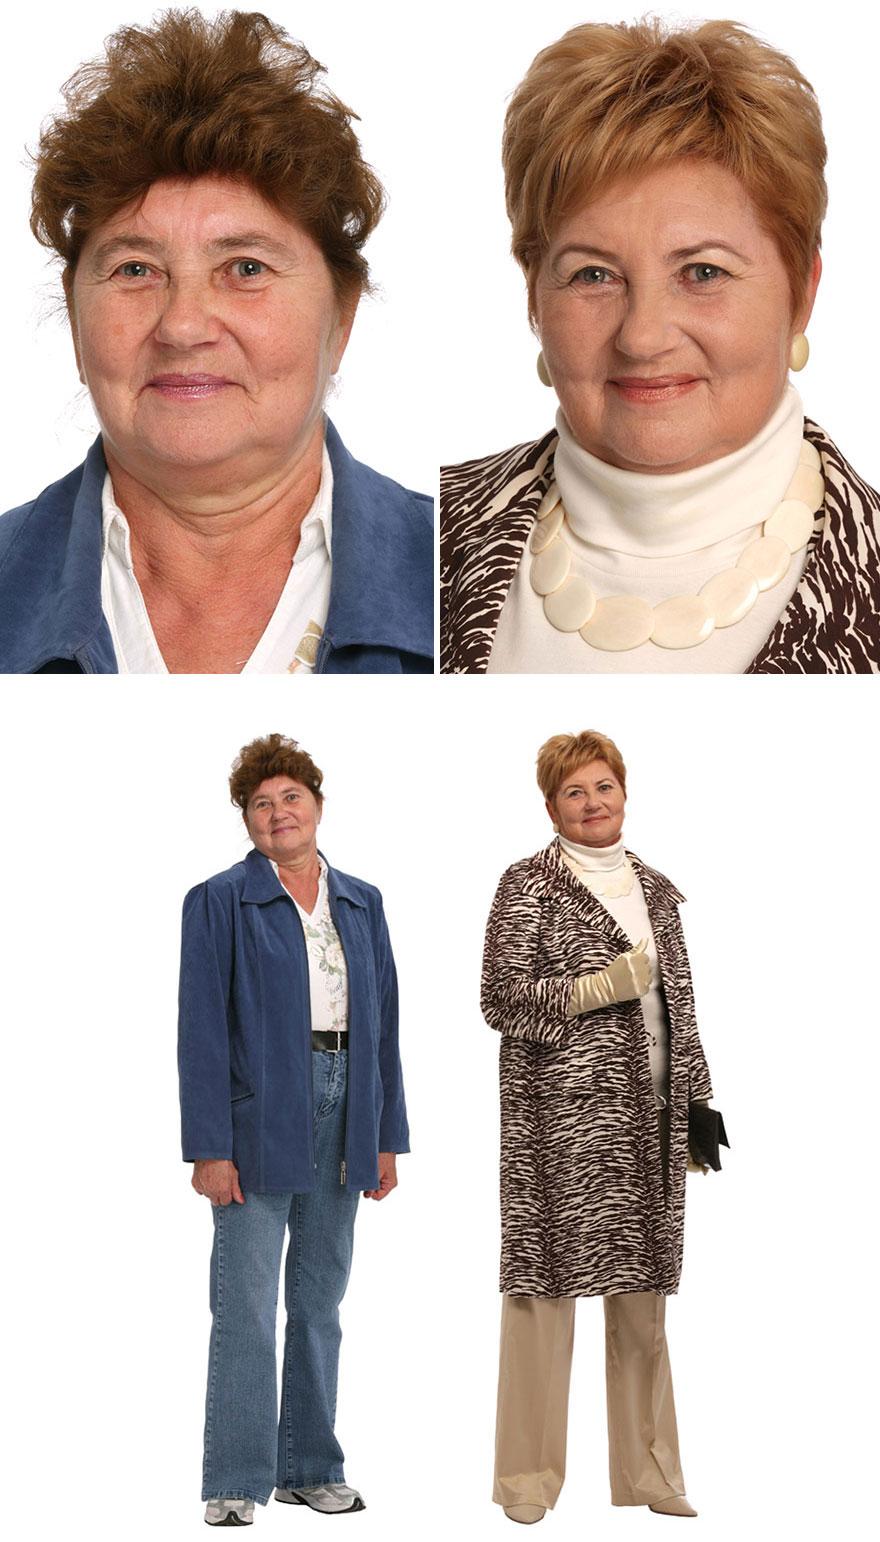 fotos-antes-despues-mujeres-cambio-estilo-bogomolov-16